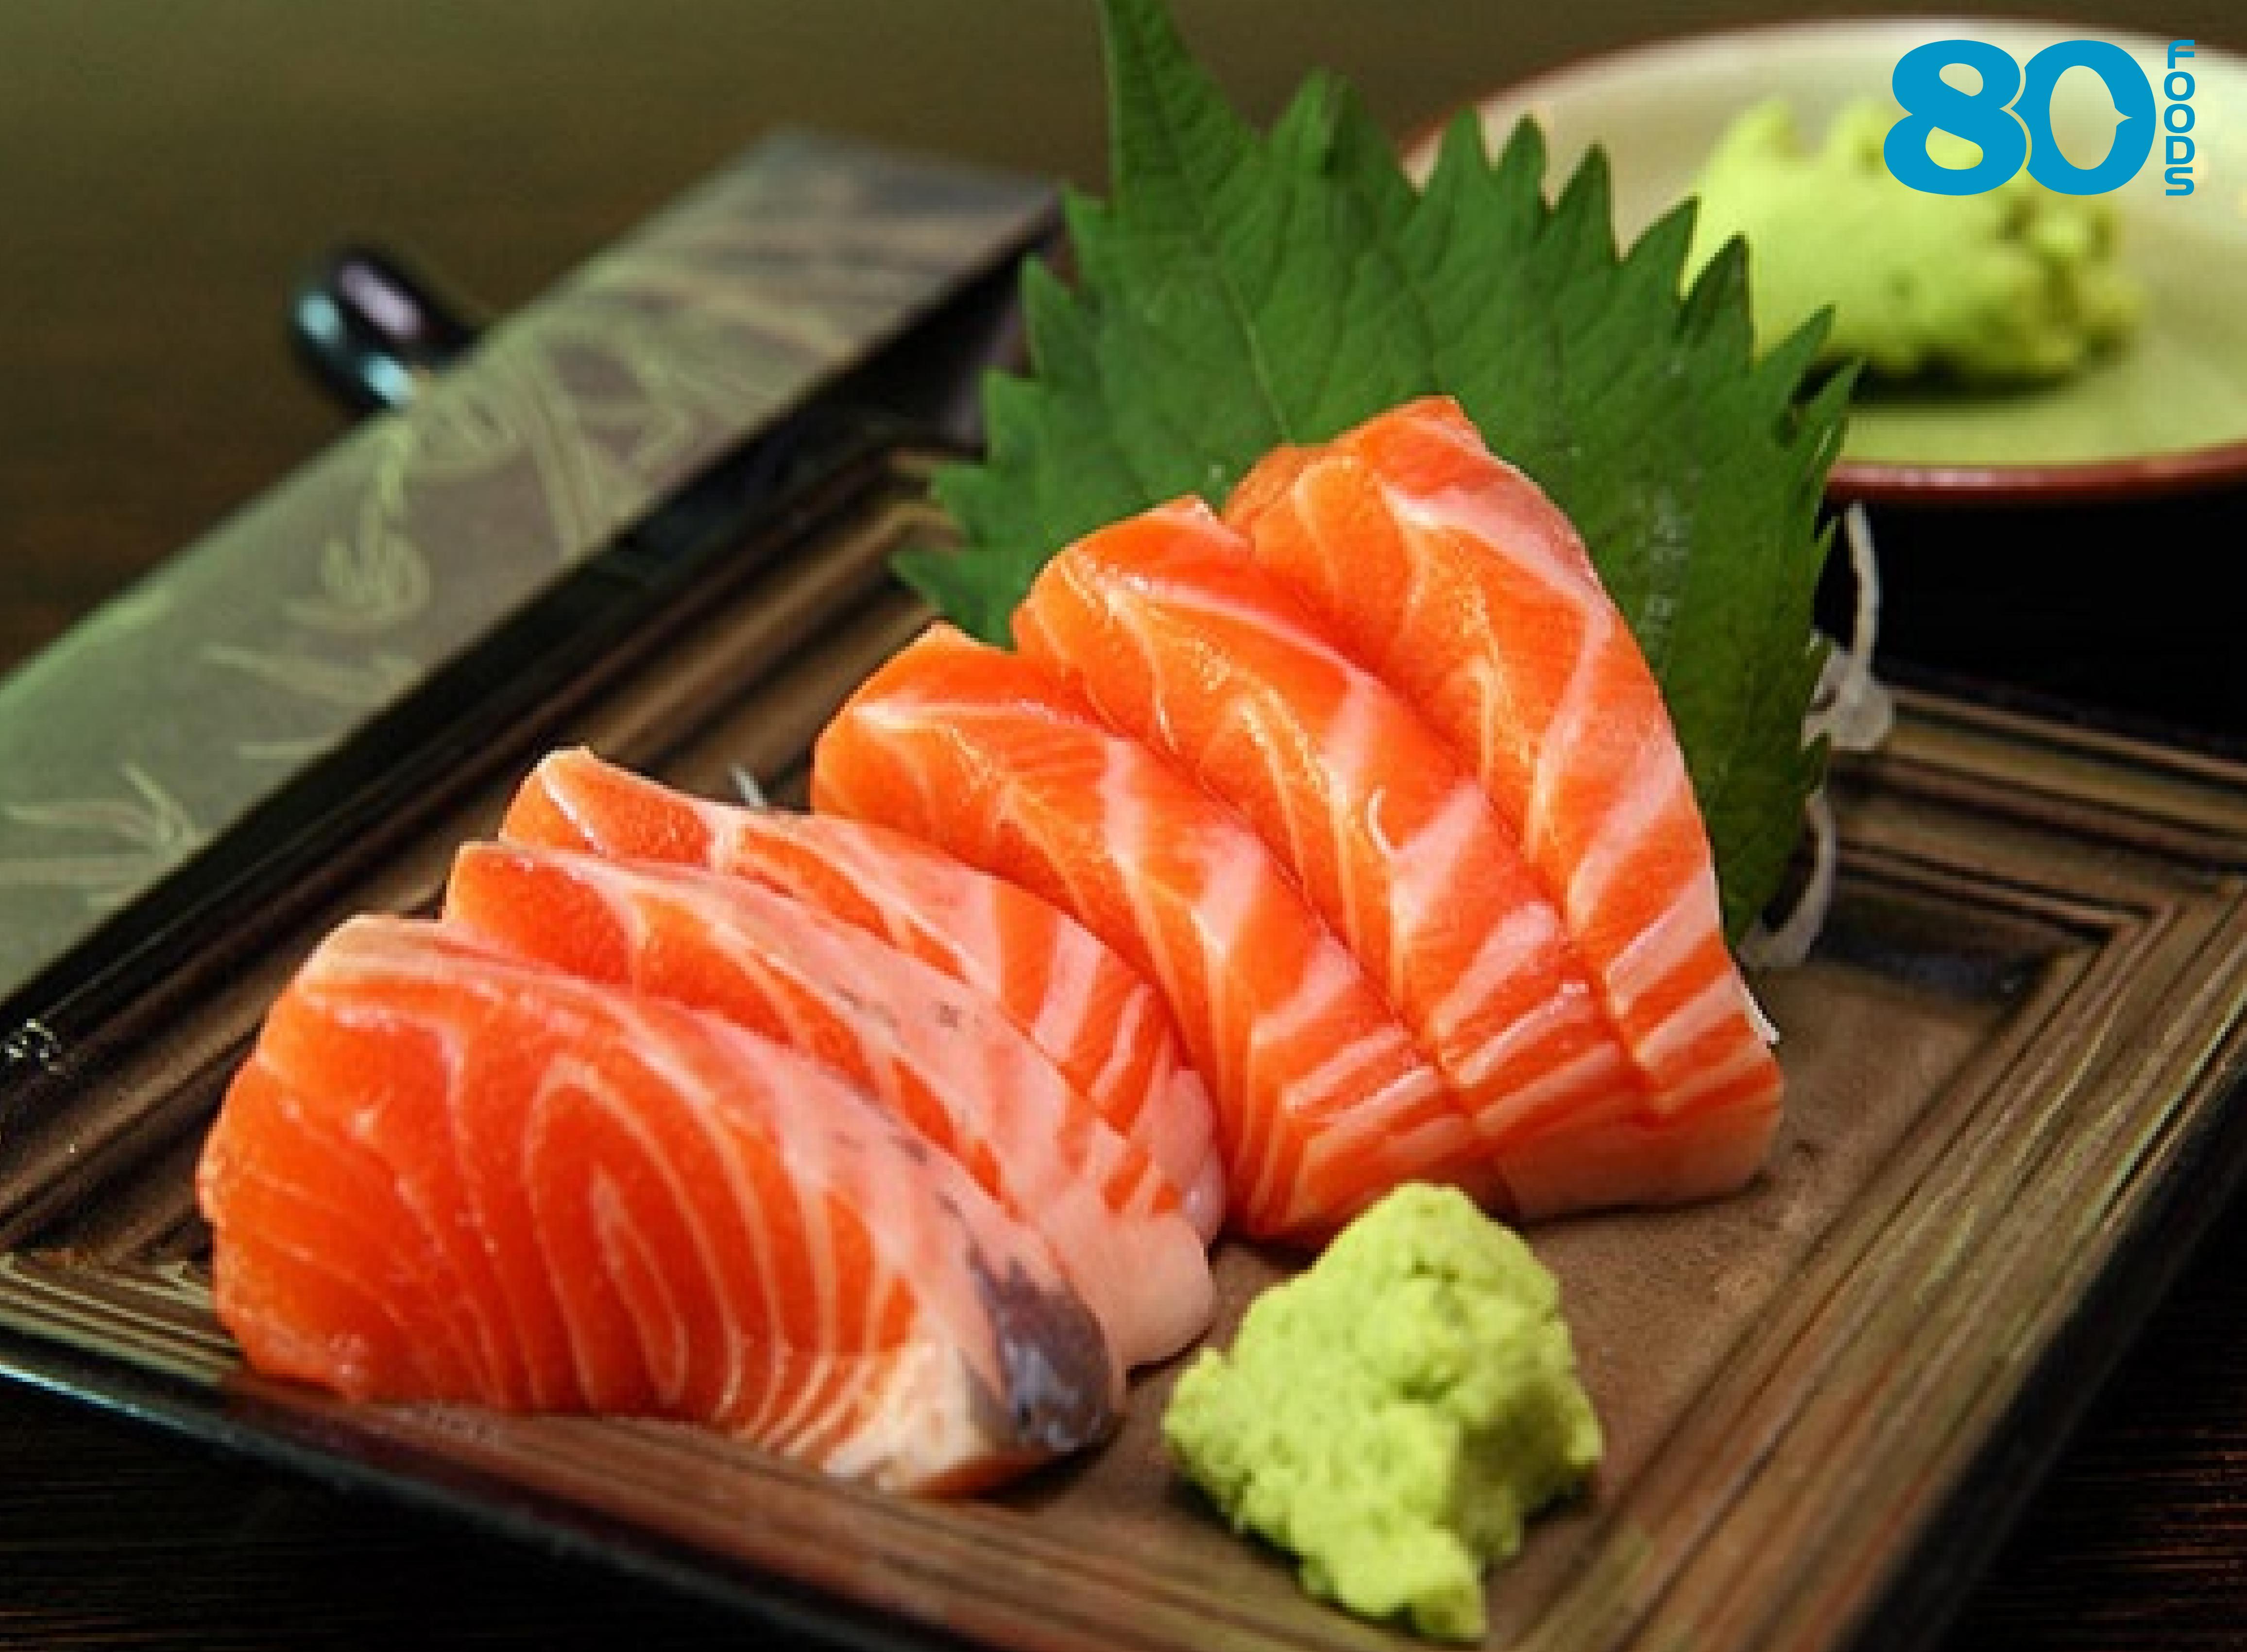 Sashimi cá hồi chuẩn Nhật Bản - 80FOODS